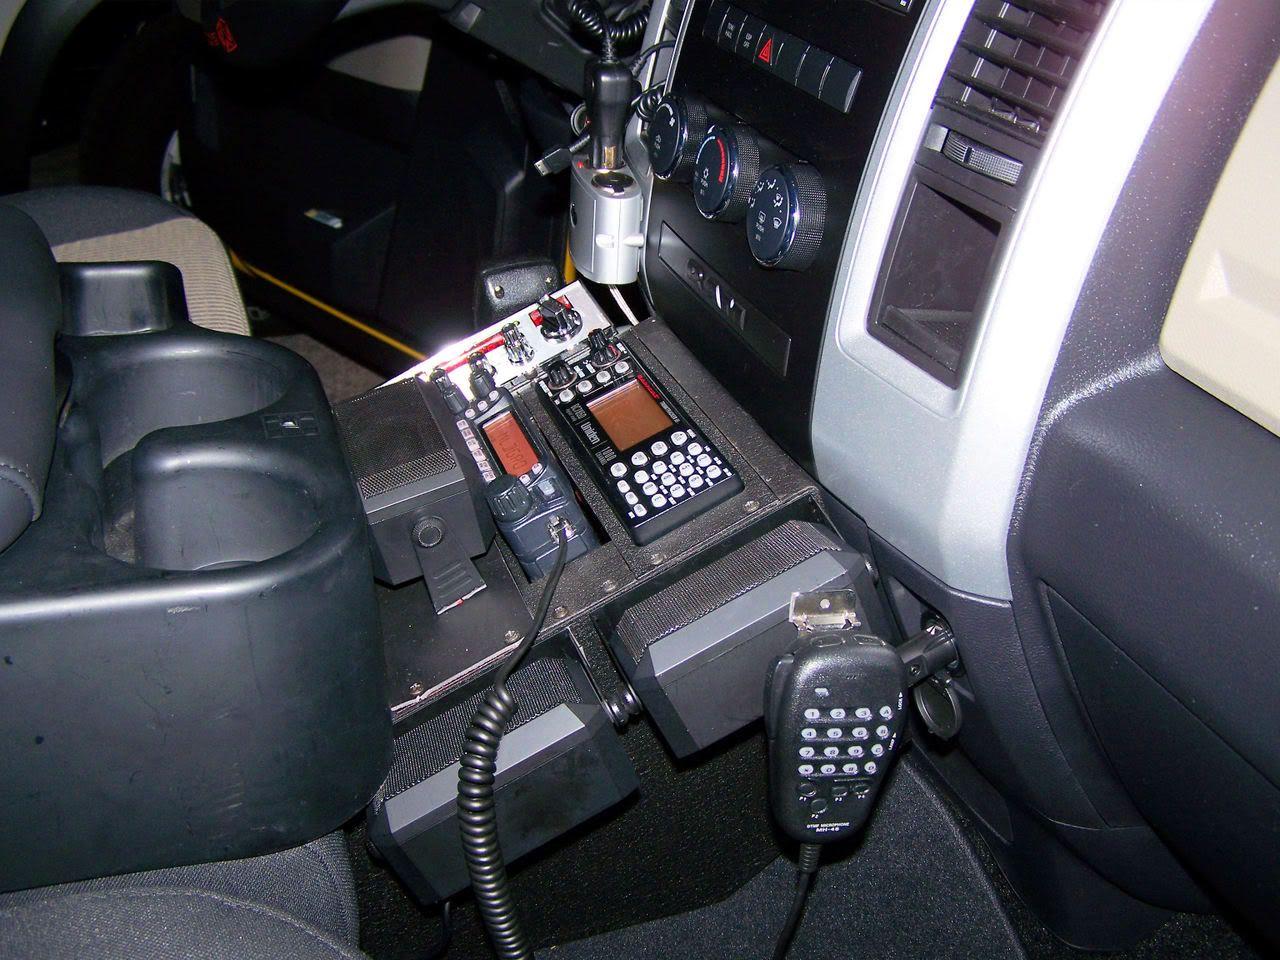 2009 Ram crew cab ham radio/cb/scanner install photos